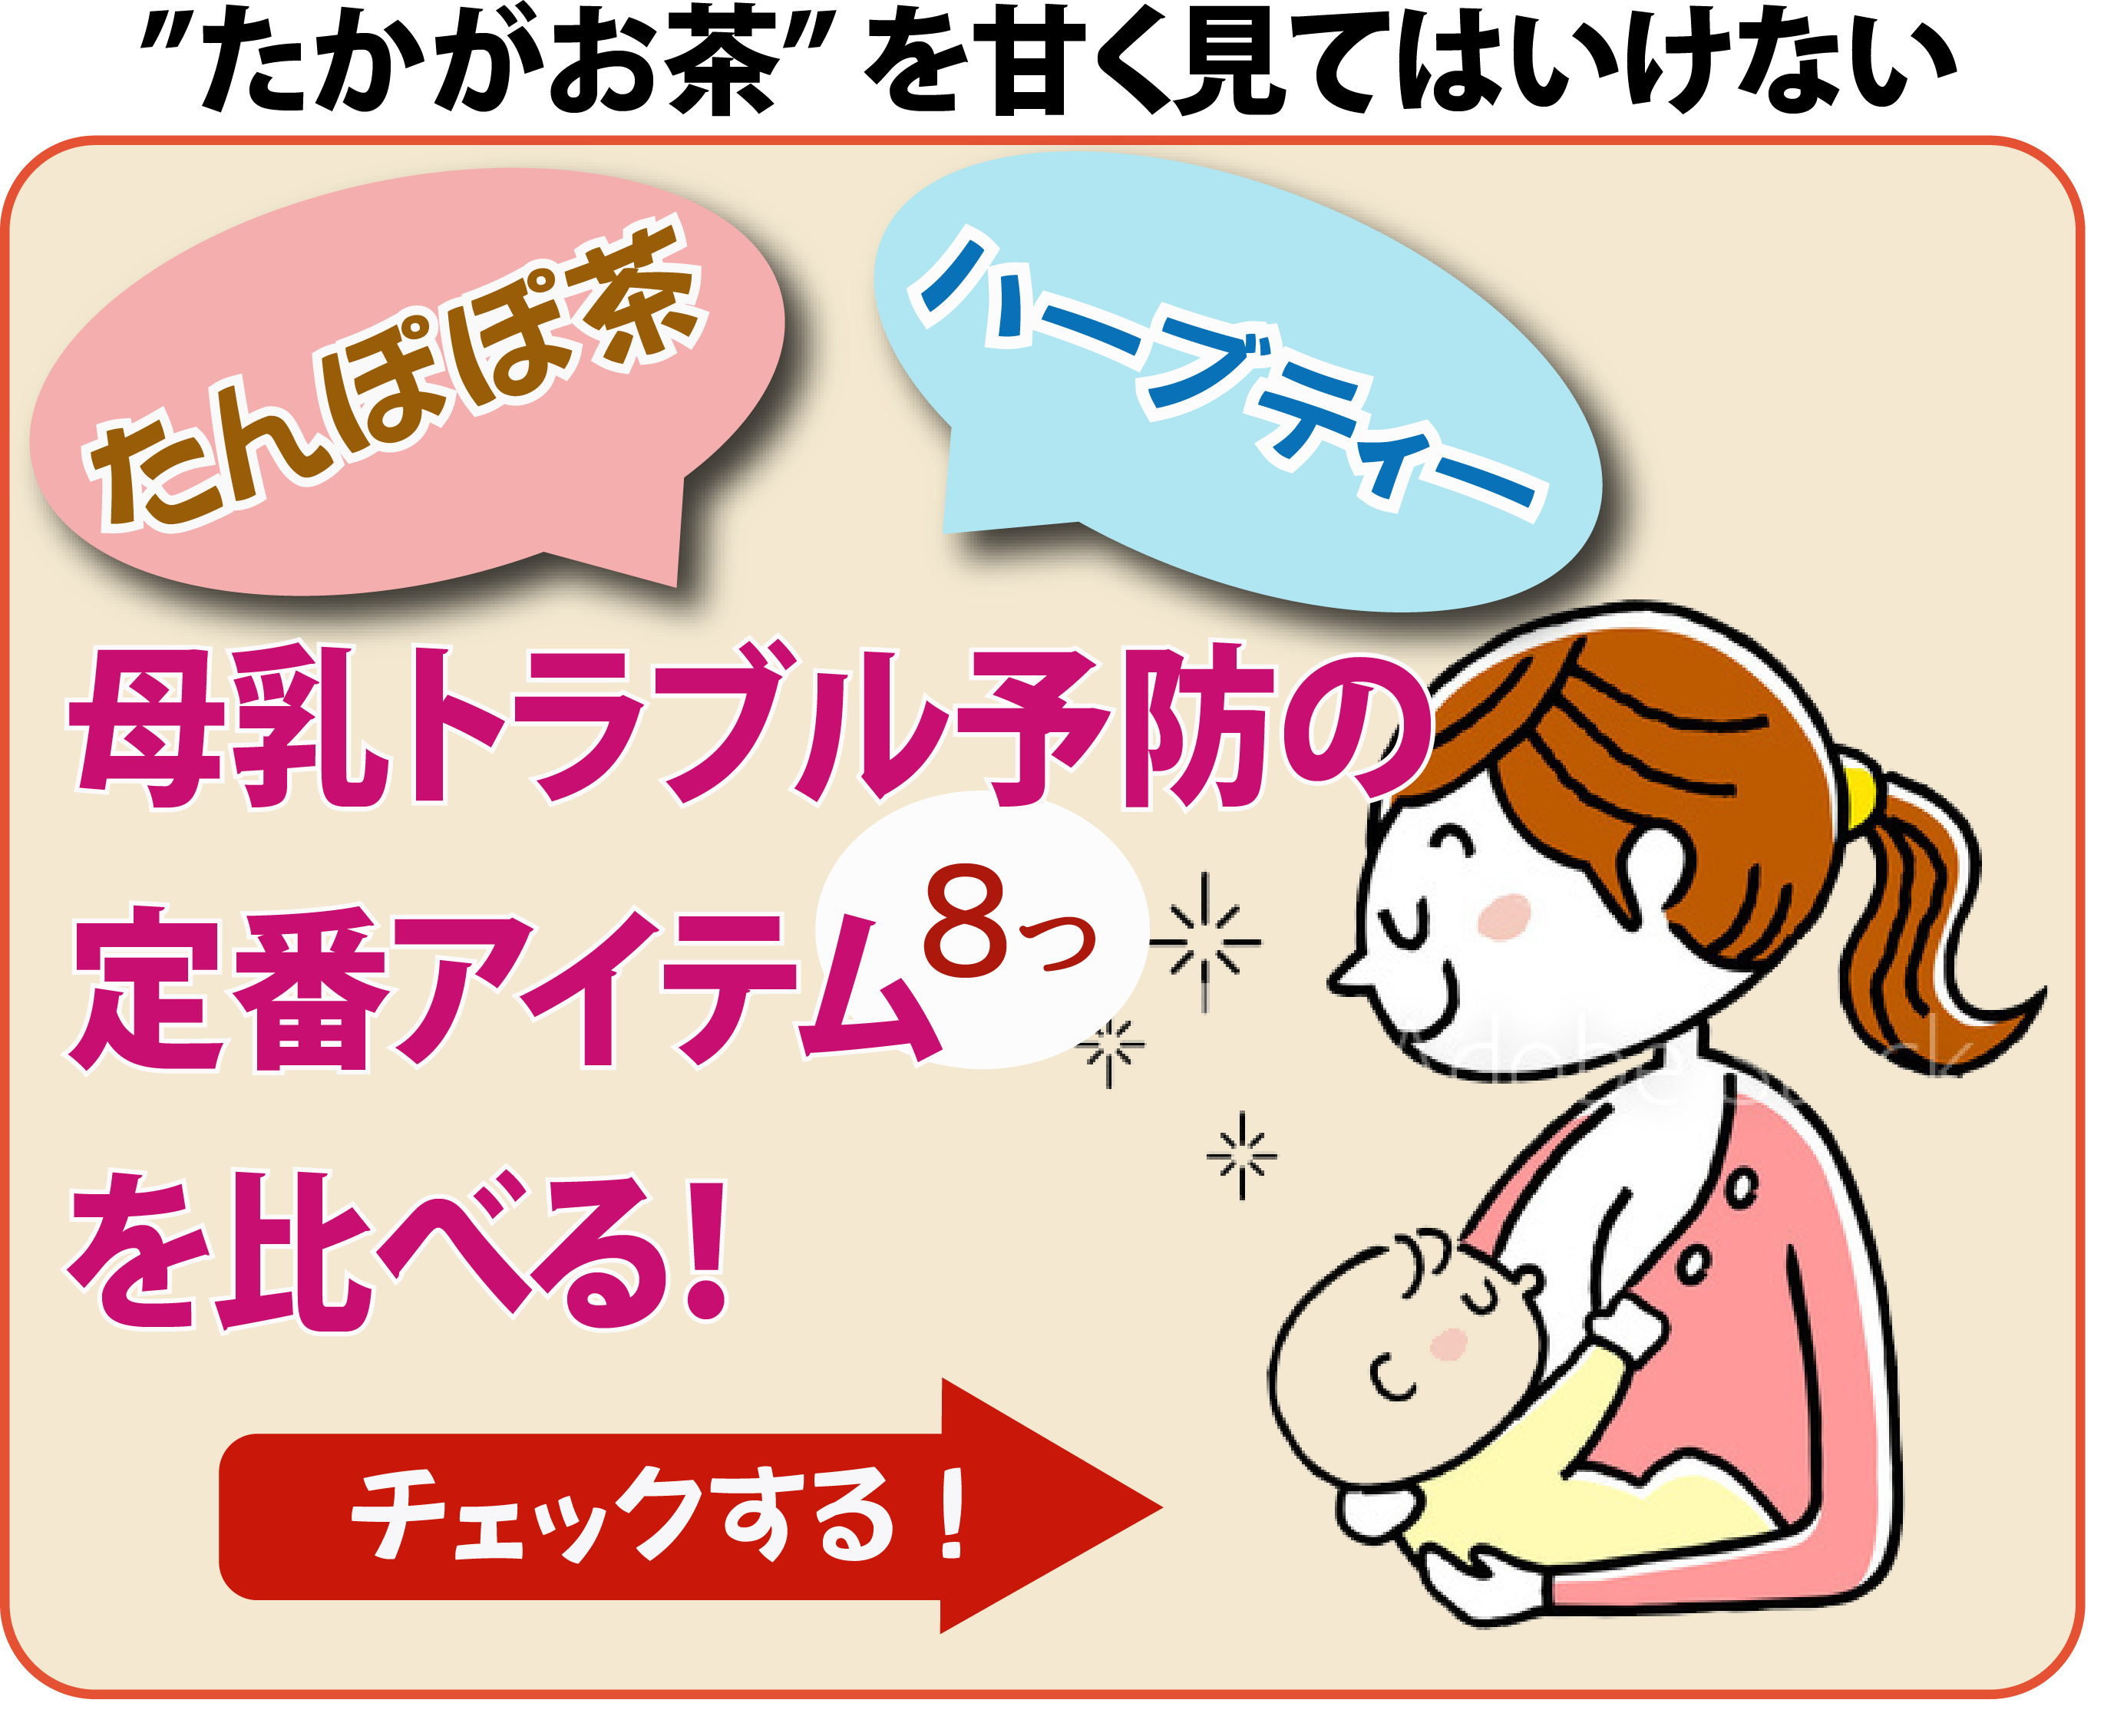 母乳トラブル解消アイテム